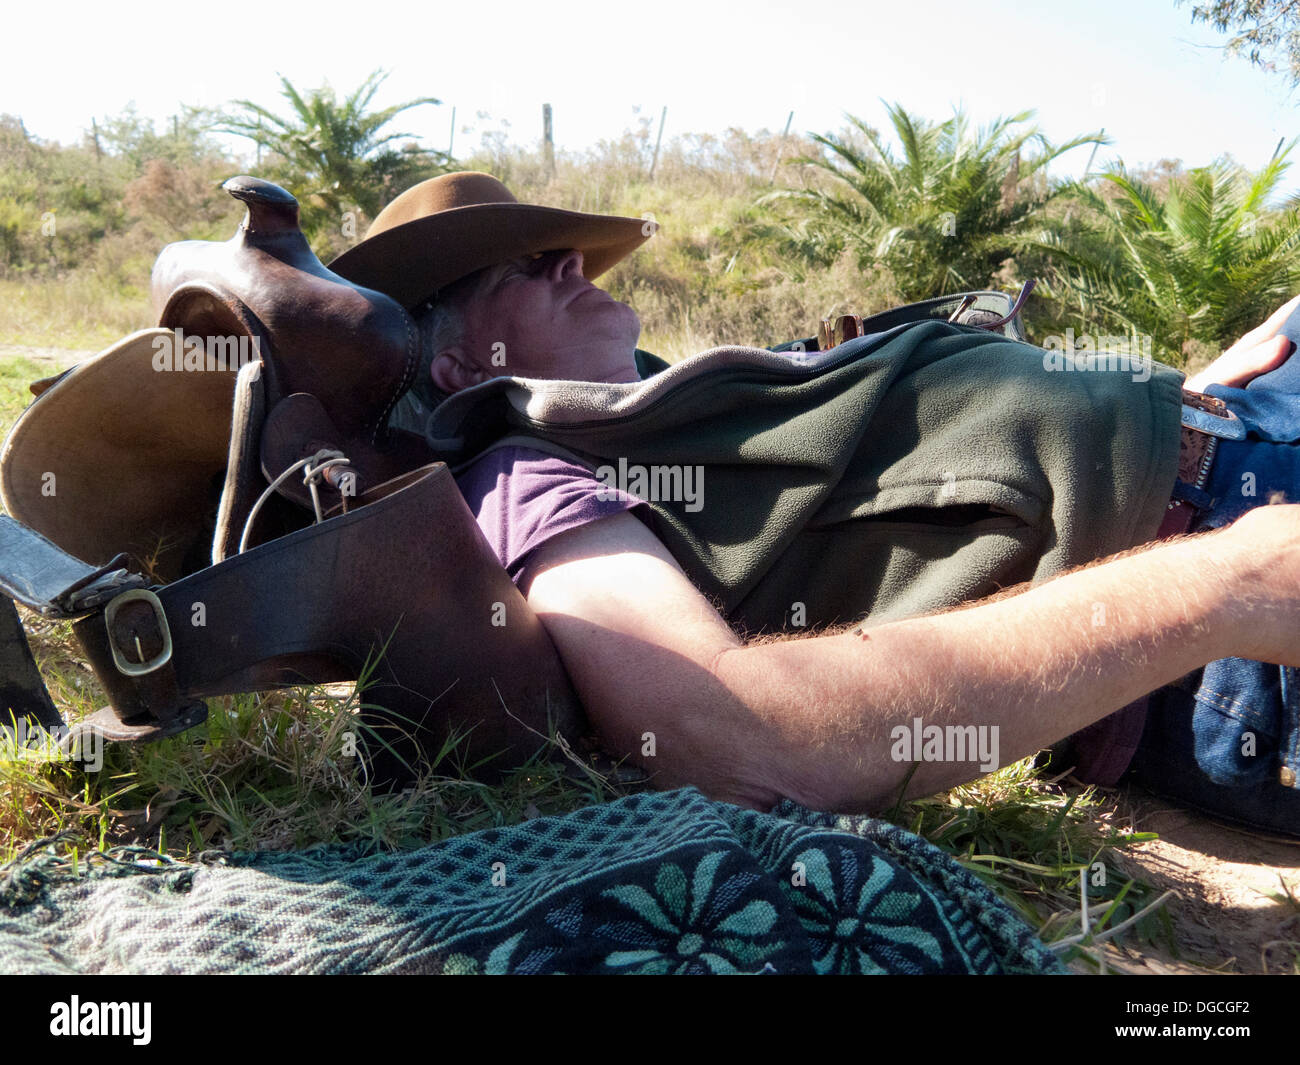 Senior man lying on back resting on saddle, Uruguay - Stock Image